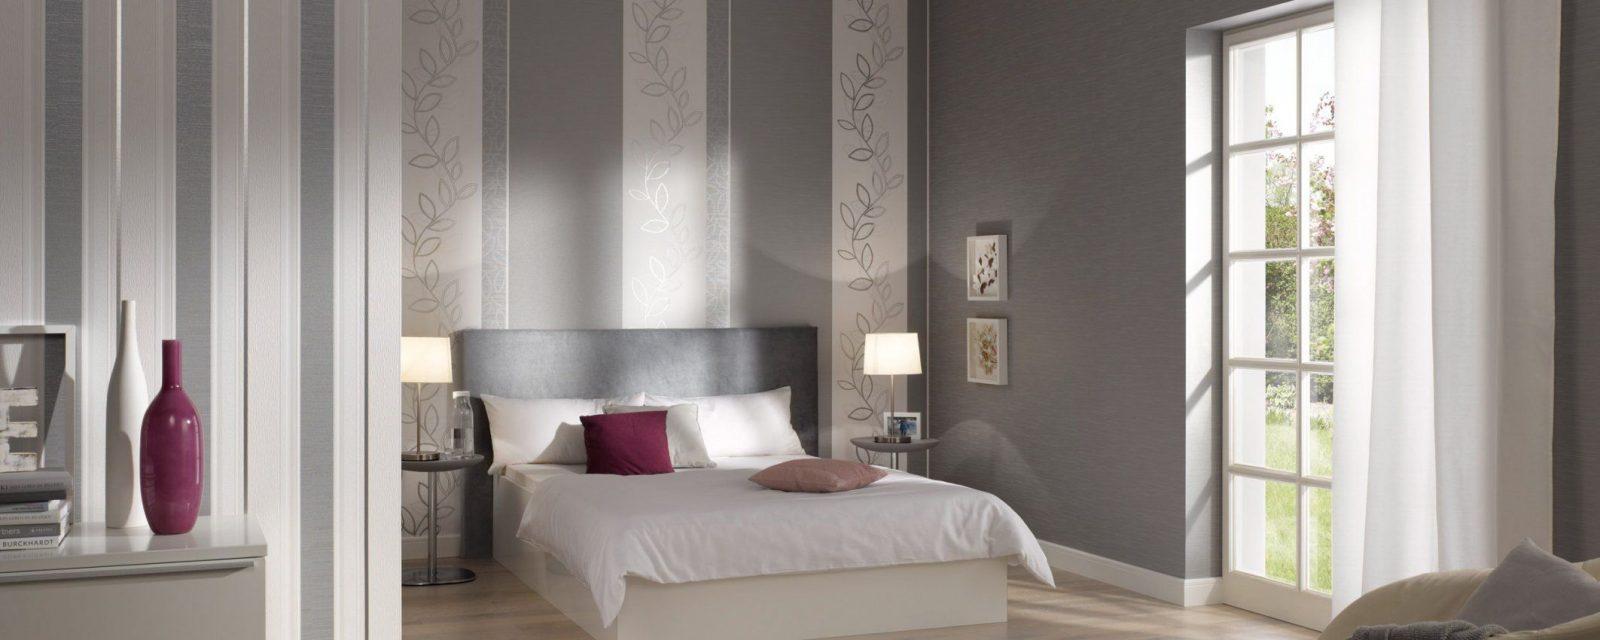 Moderne Wandgestaltung Mit Tapeten Moderne Tapeten Von Joka Zum von Moderne Wandgestaltung Mit Farbe Bild